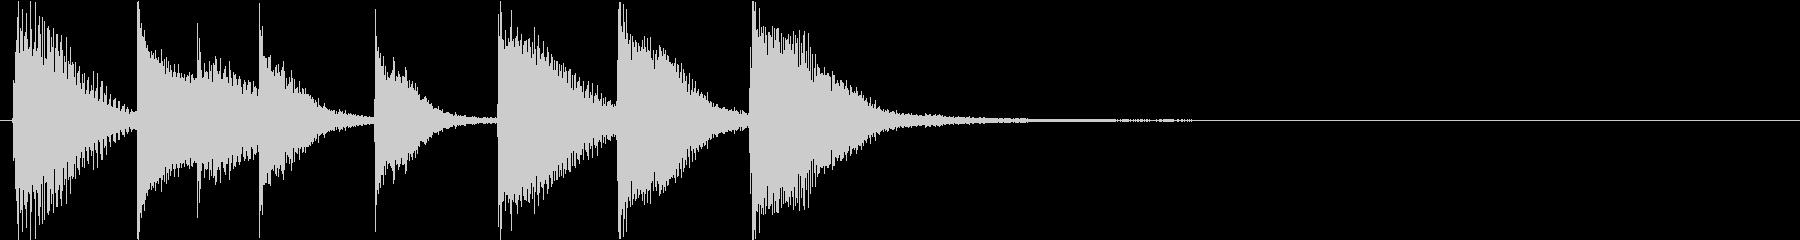 ピアノジングル 幼児向けアニメ系J-02の未再生の波形